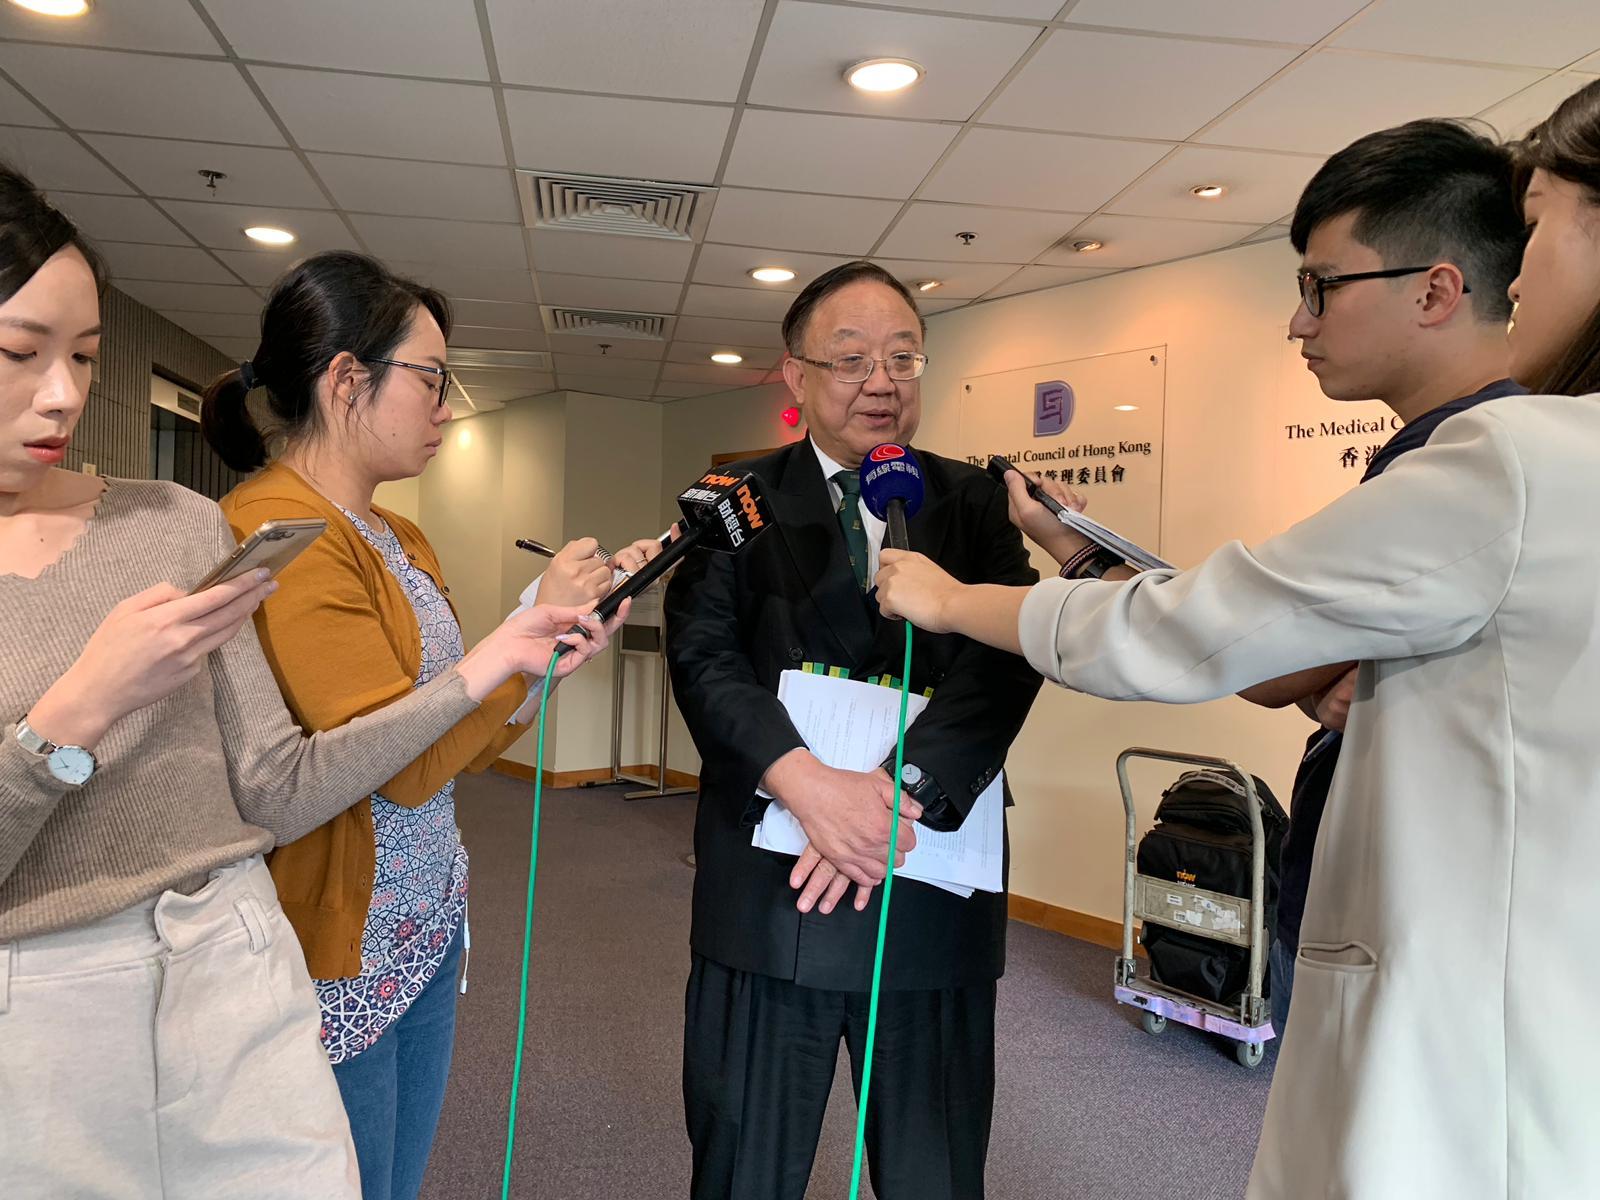 主席劉允怡形容有人口口聲聲說不夠醫生,到投票就是另一回事。